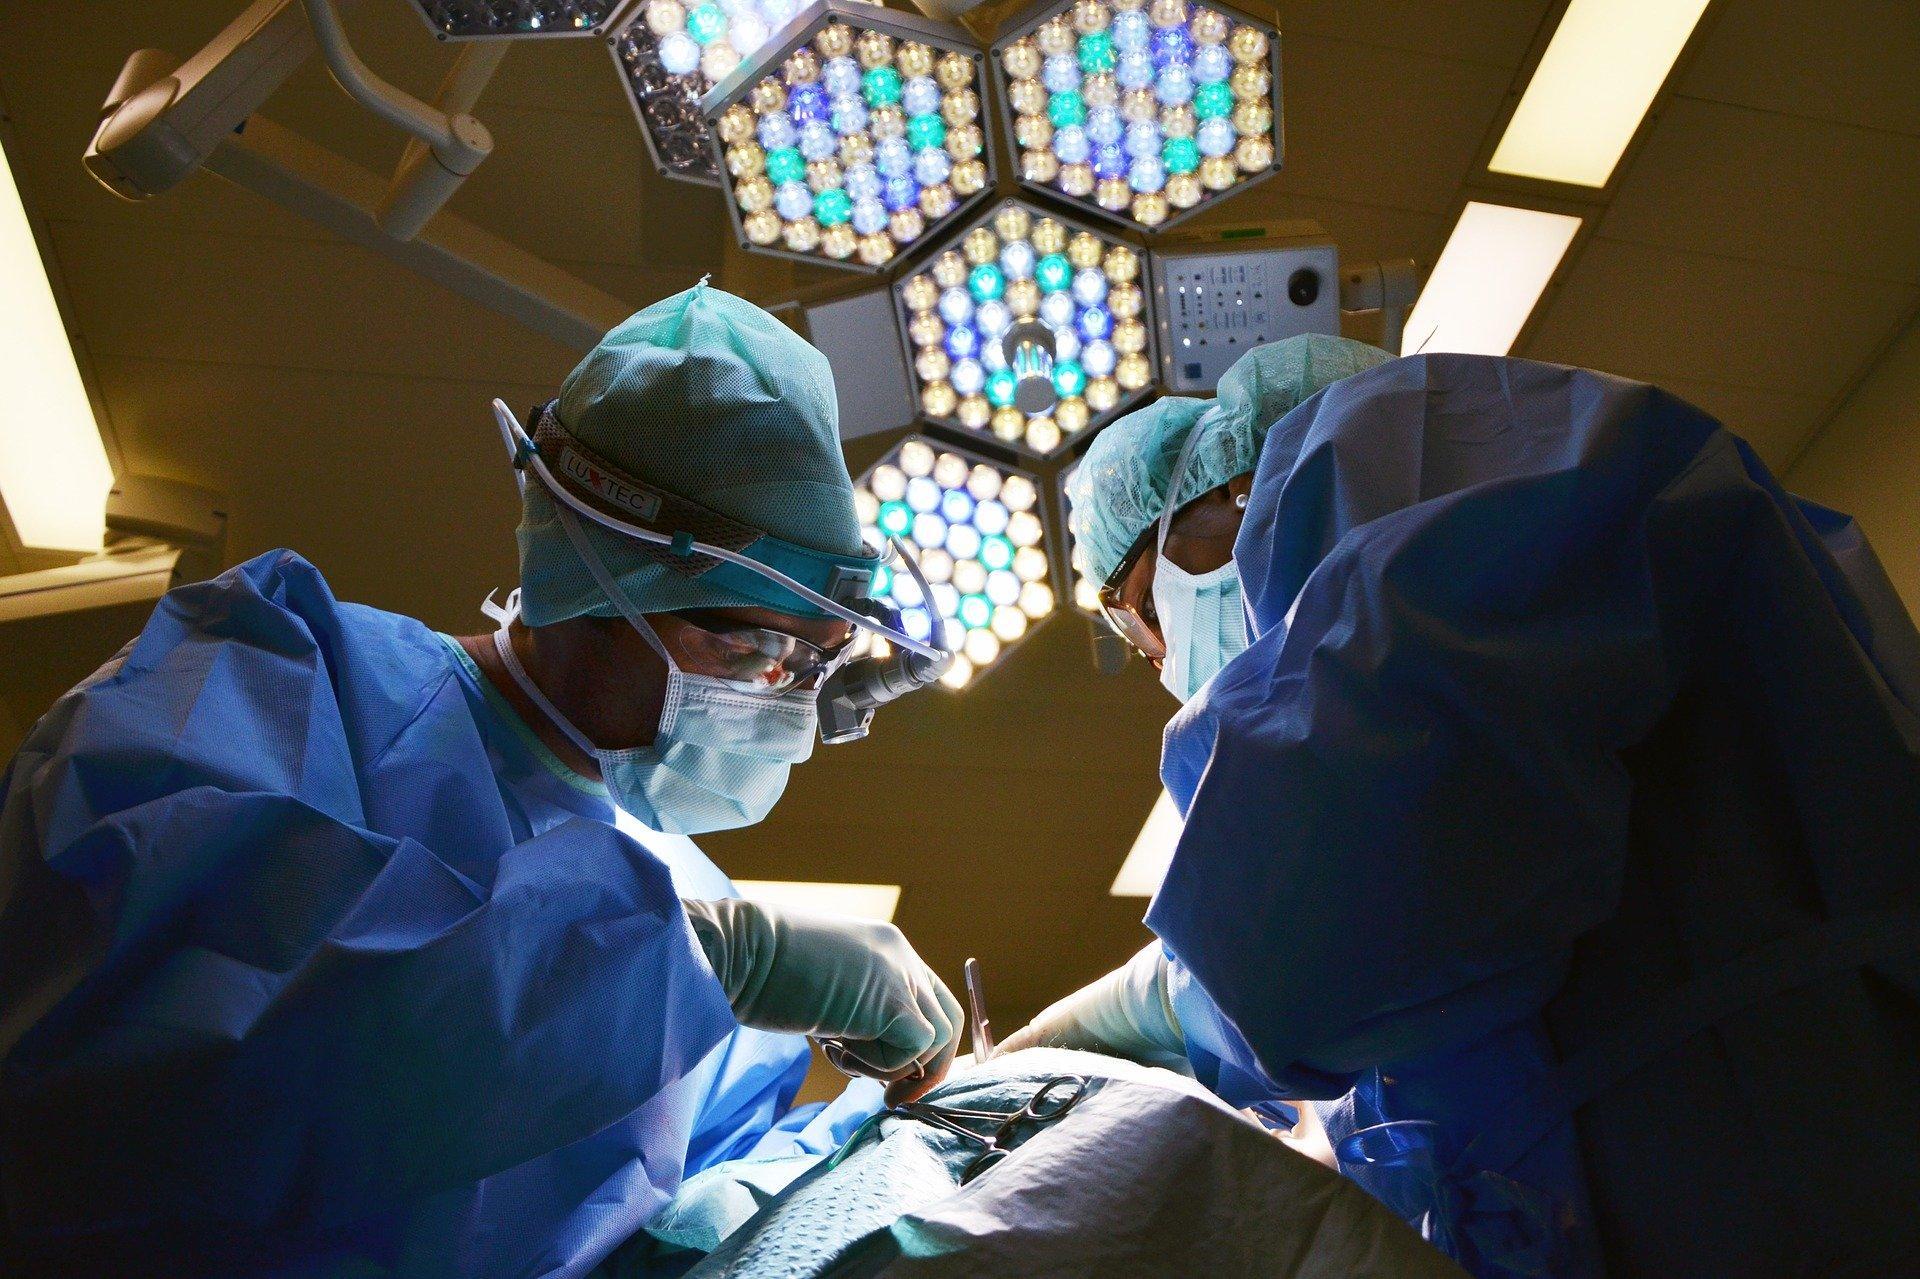 dois médicos fazendo cirurgia.